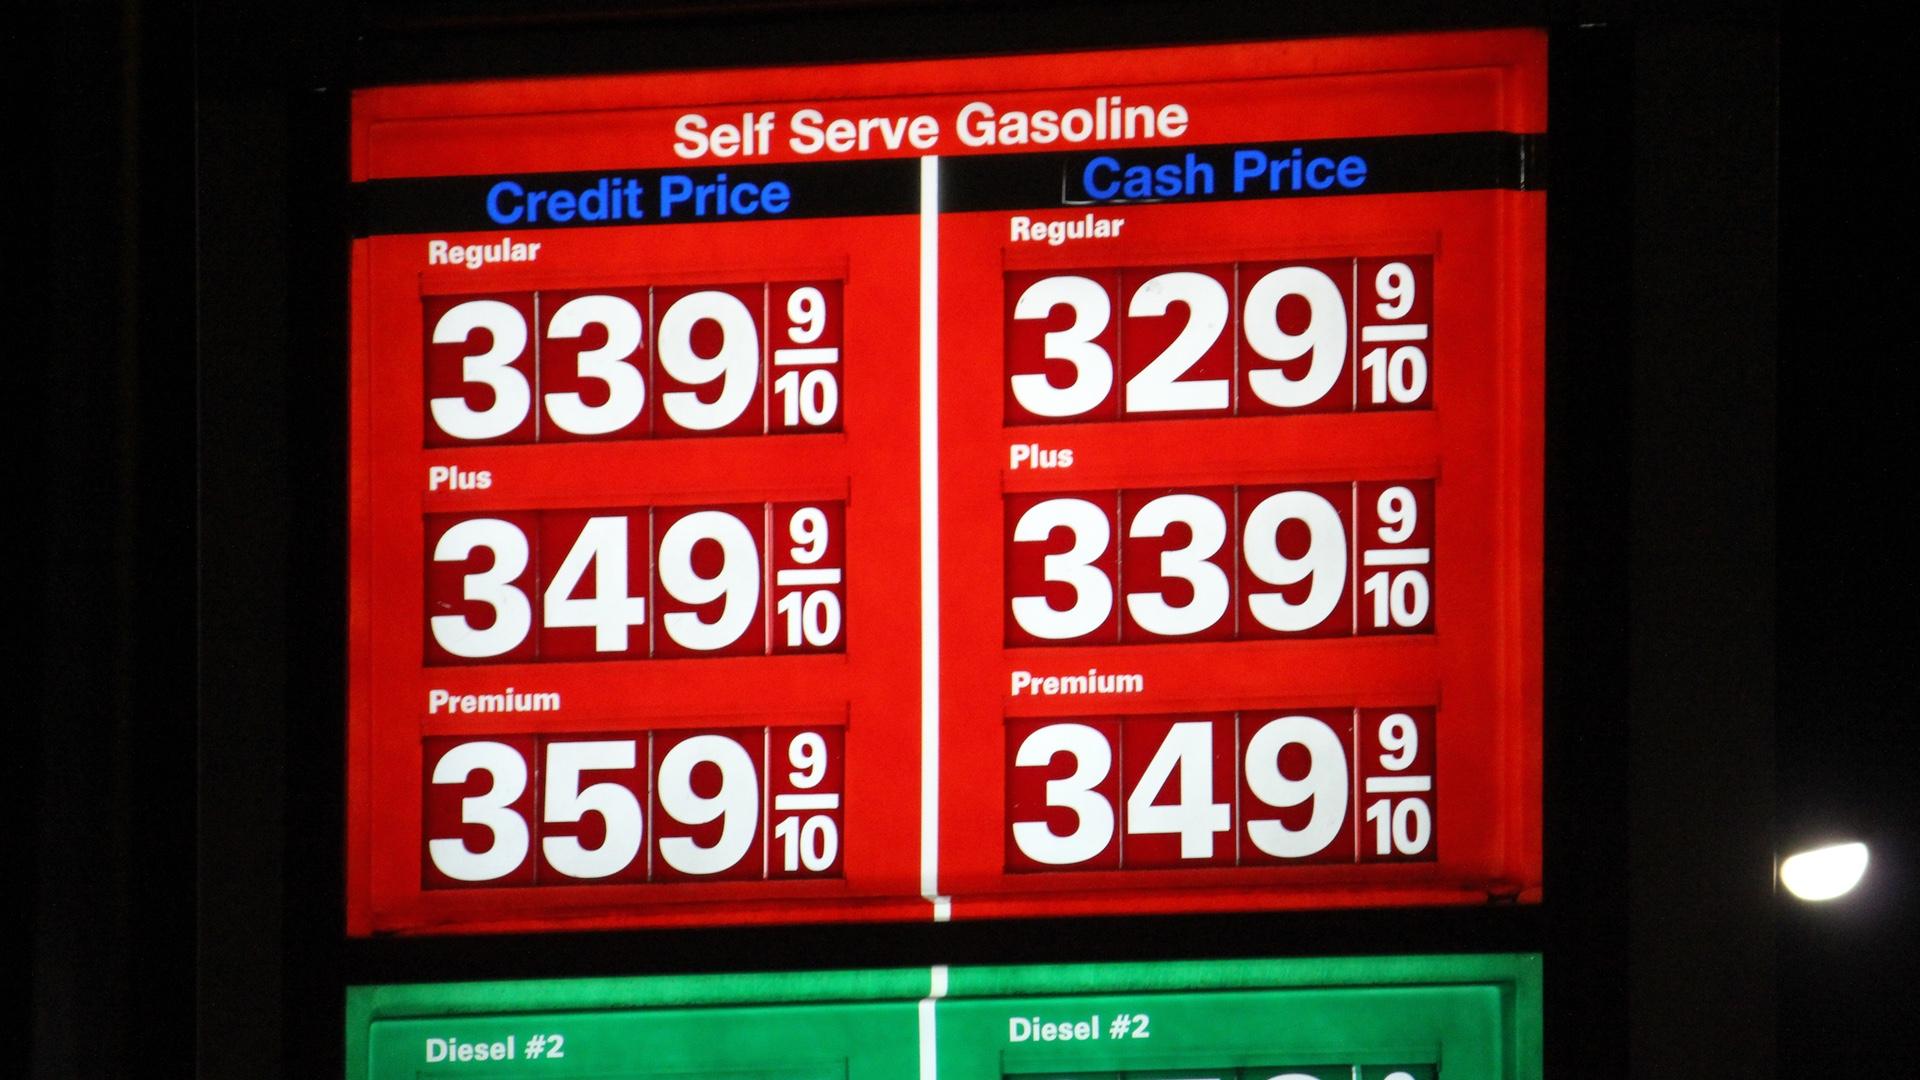 Gas Price 20141026 76 3299